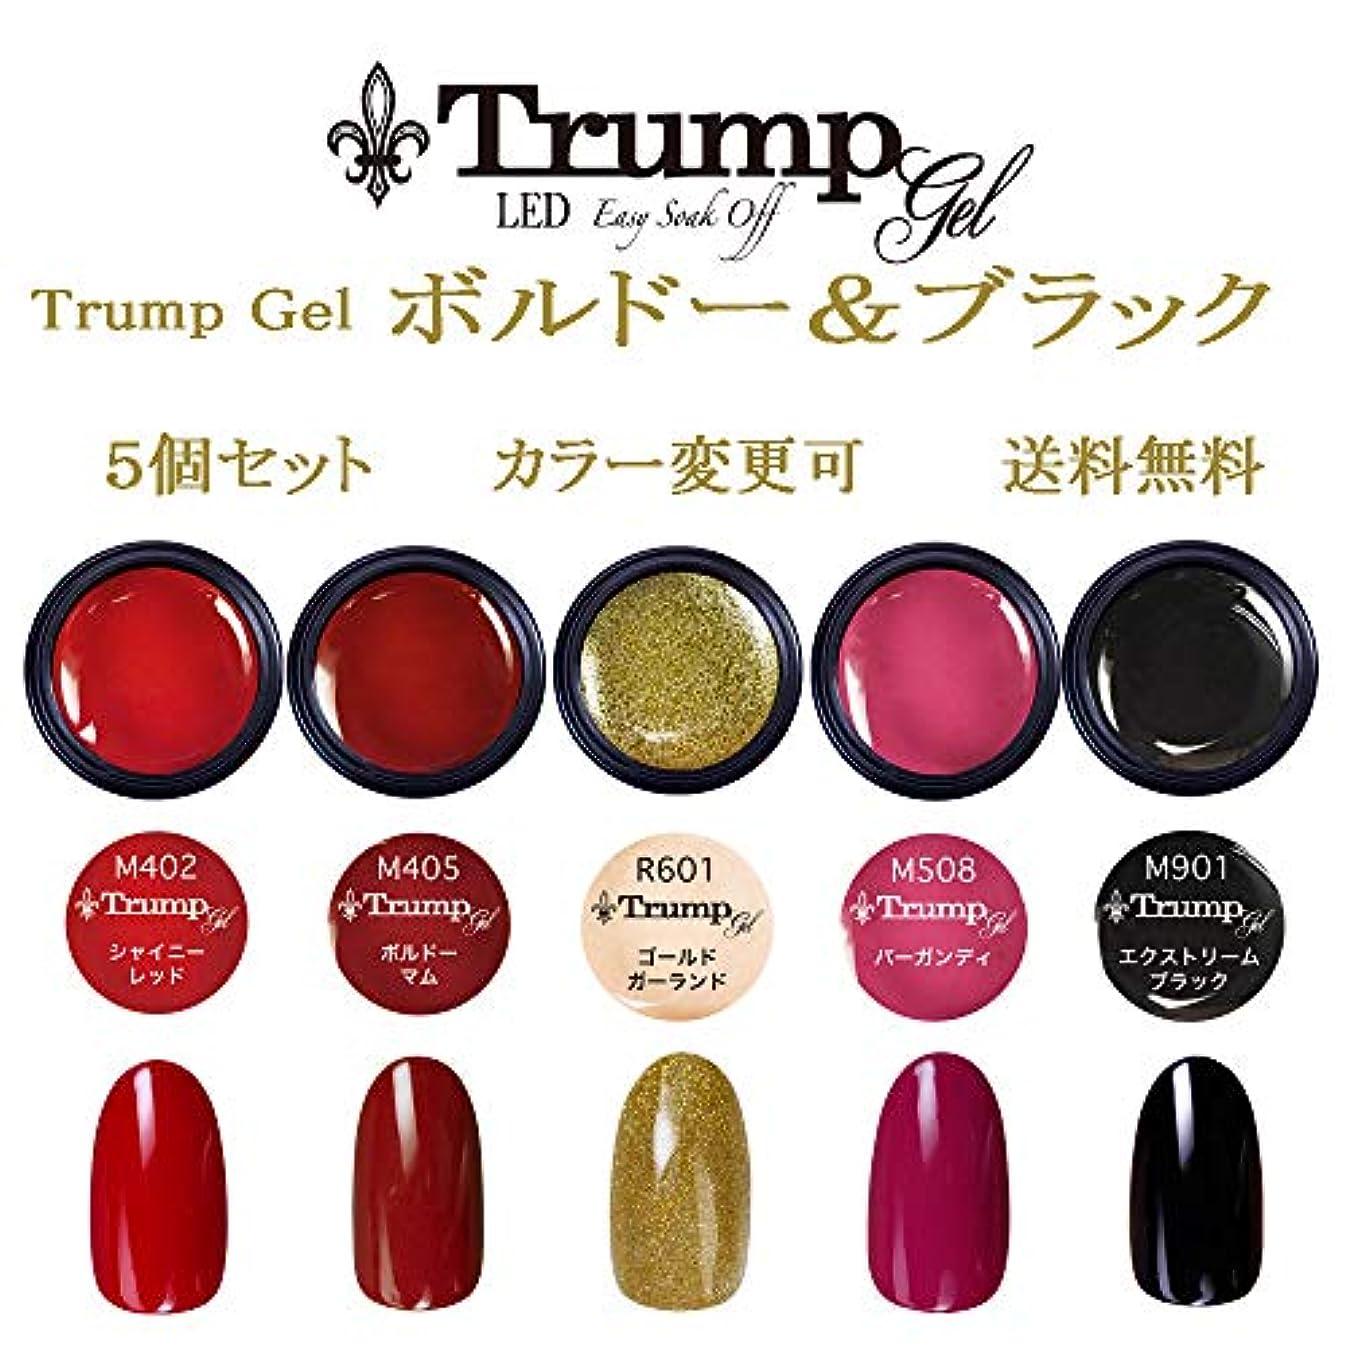 排除する大胆不敵ぺディカブ日本製 Trump gel トランプジェル ボルドー & ブラック ネイル 選べる カラージェル 5個セット ワイン ボルドー ゴールド パープル ブラック